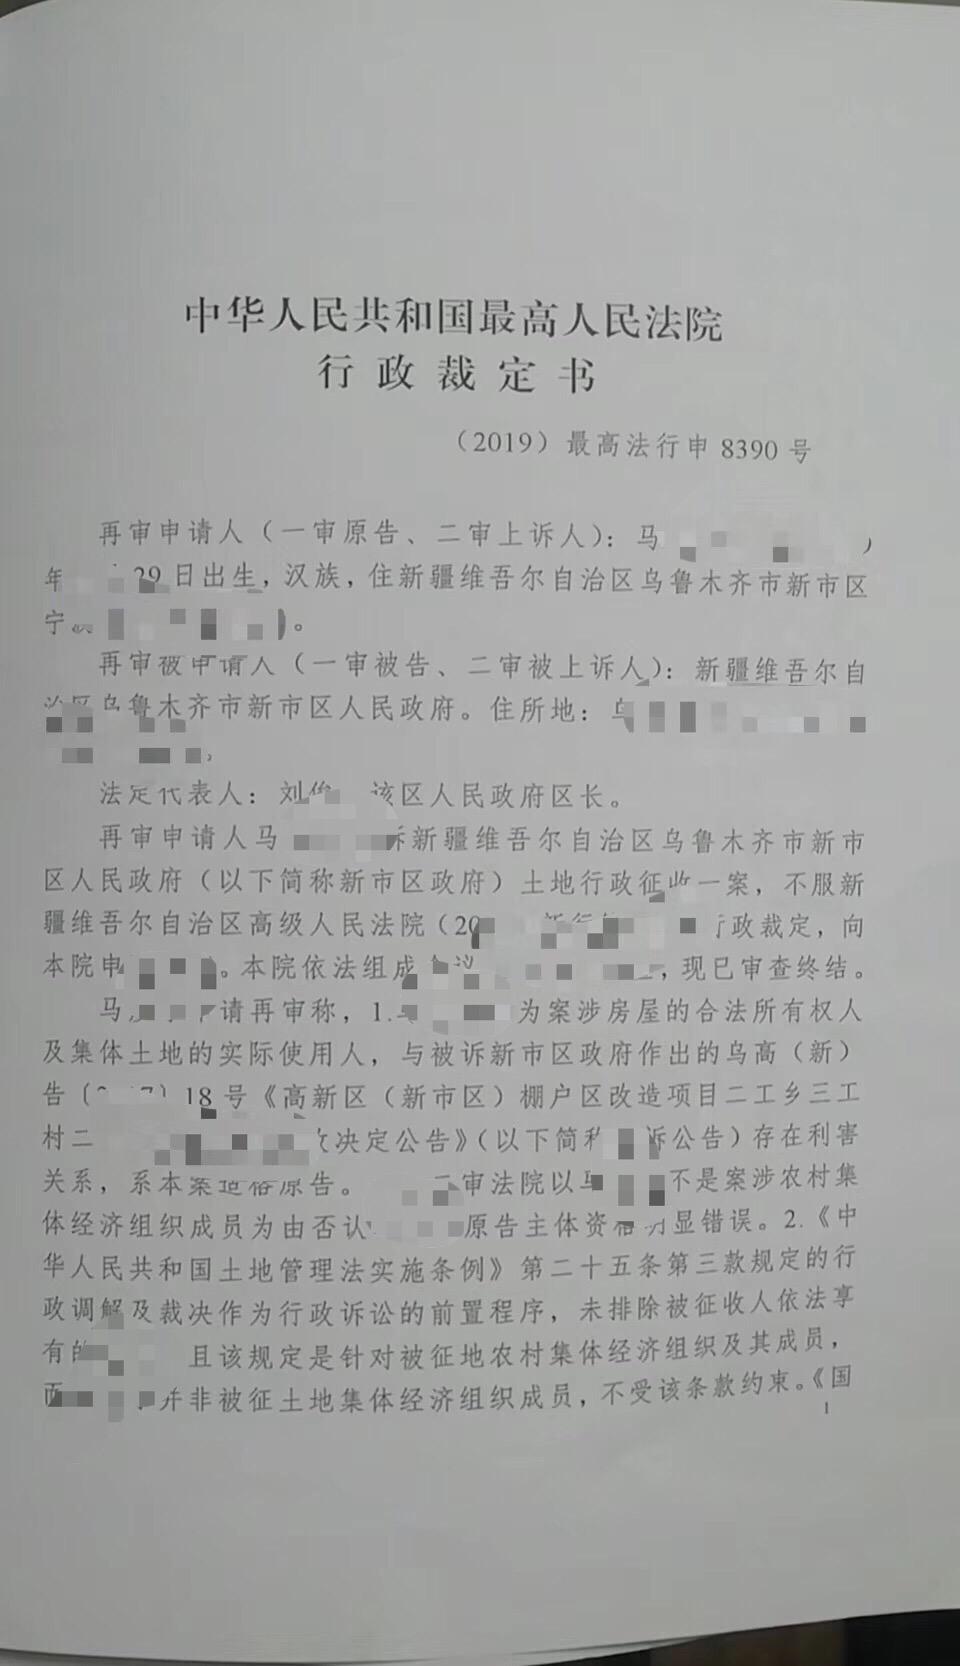 杨勇律师胜诉在最高人民法院。